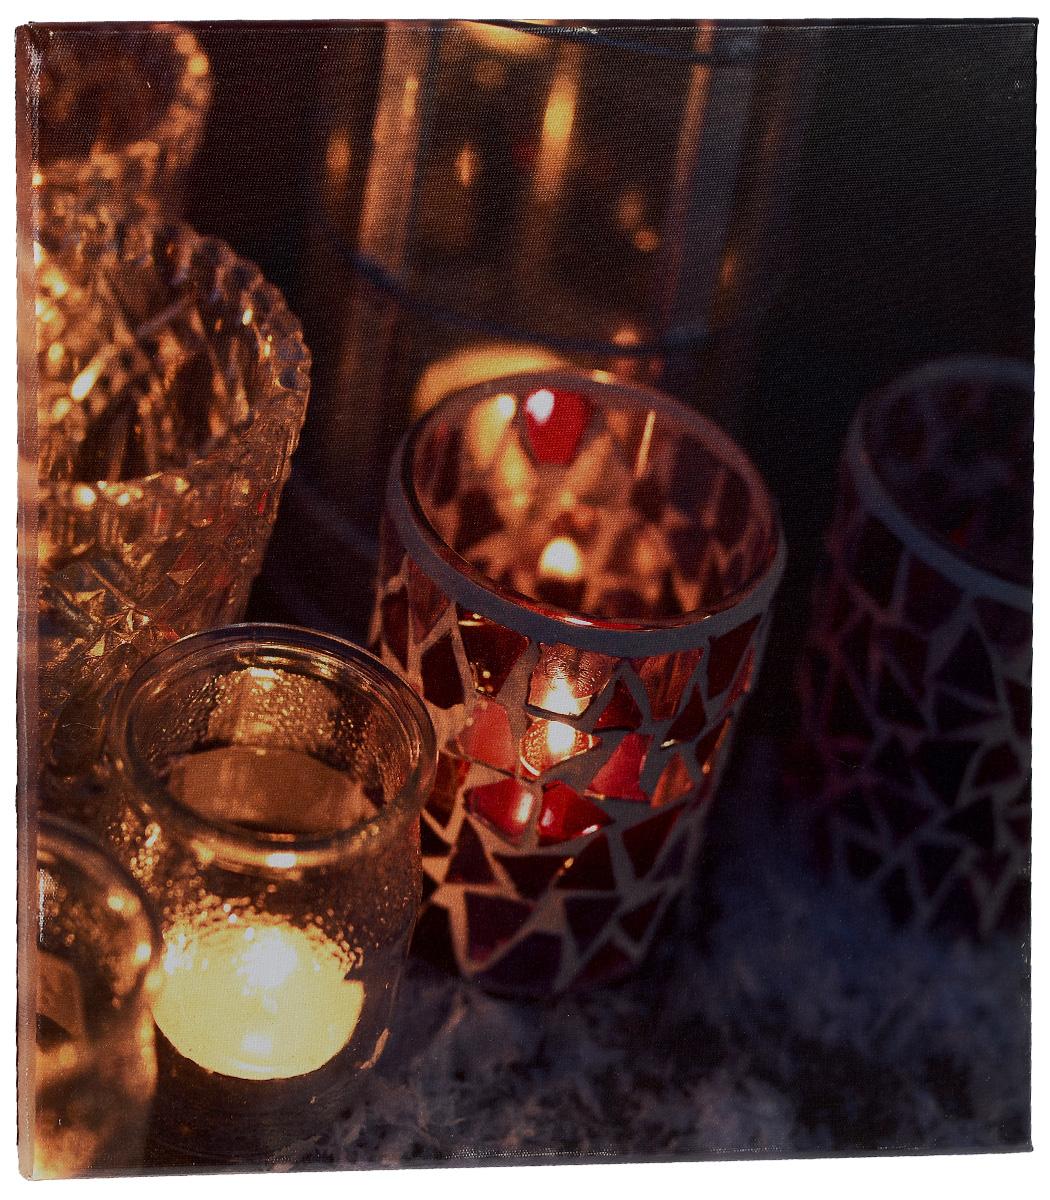 Картина MTH Свечи, со светодиодами, 40 х 40 смled4040-03Картина MTH Свечи выполнена на основе из МДФ, обтянутой холстом. Изделие оснащено светодиодами. Их теплый мерцающий в темноте свет оживит ваш дом и добавит ему уюта. На картине изображены свечи в декоративных подсвечниках. Благодаря светодиодной подсветке создается ощущение, что теплый свет, исходящий от свечей, действительно может согревать. С оборотной стороны картина оснащена специальным отверстием для подвешивания на стену. Необычная картина придаст интерьеру невероятного шарма и оригинальности. Рисунок успокаивает нервную систему, помогая расслабиться и отвлечься от повседневных забот. Подсветка работает от 2 батареек типа АА напряжением 1,5V (в комплект не входят).